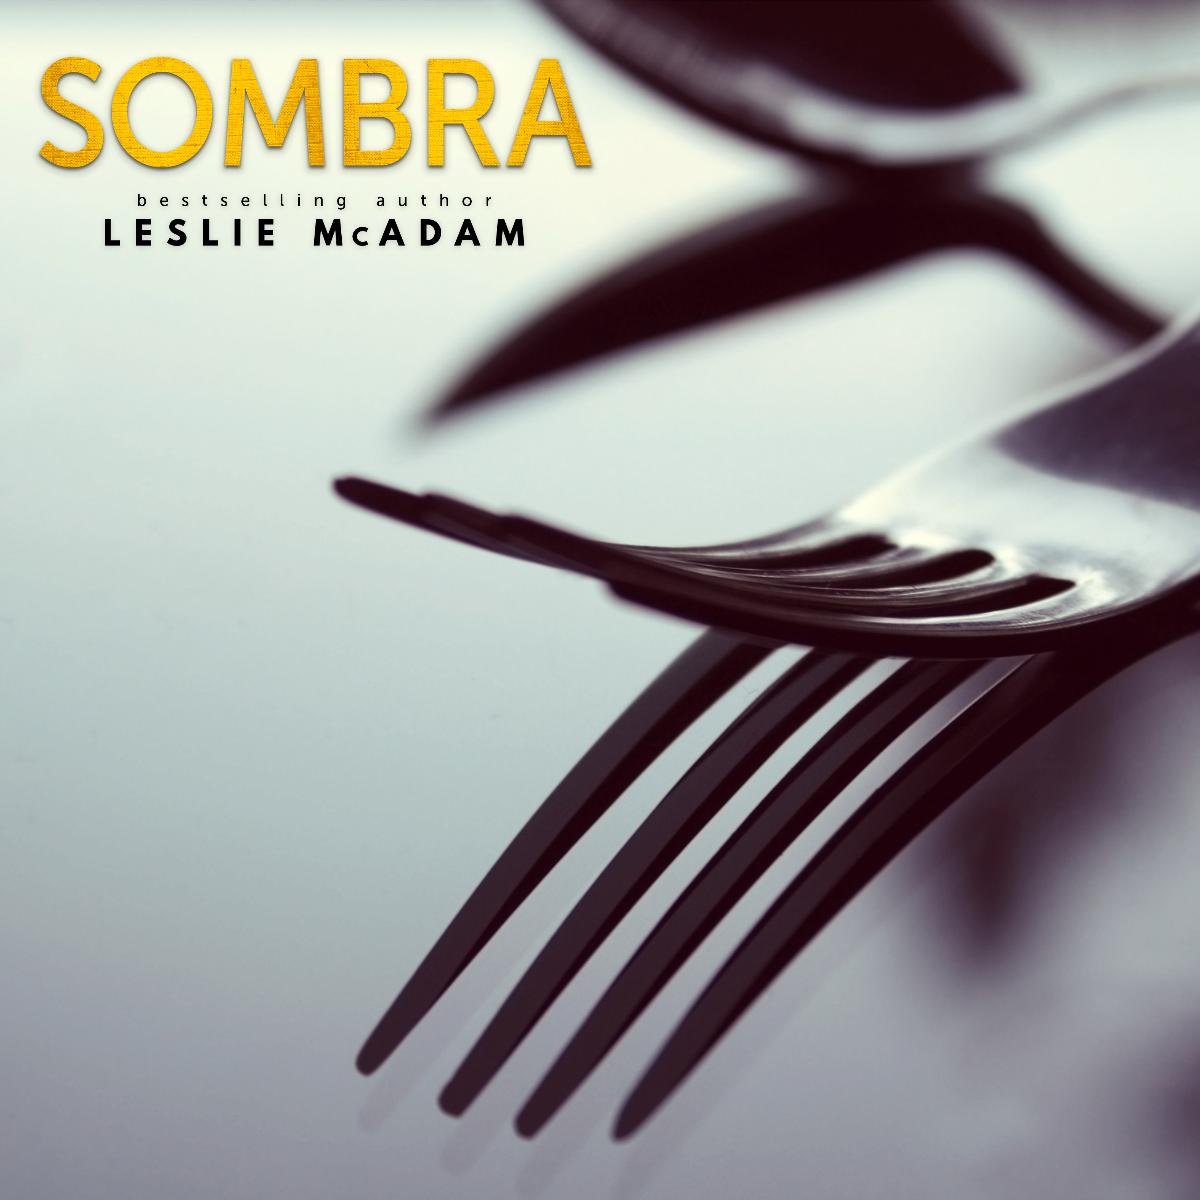 SOMBRA_3v2.png